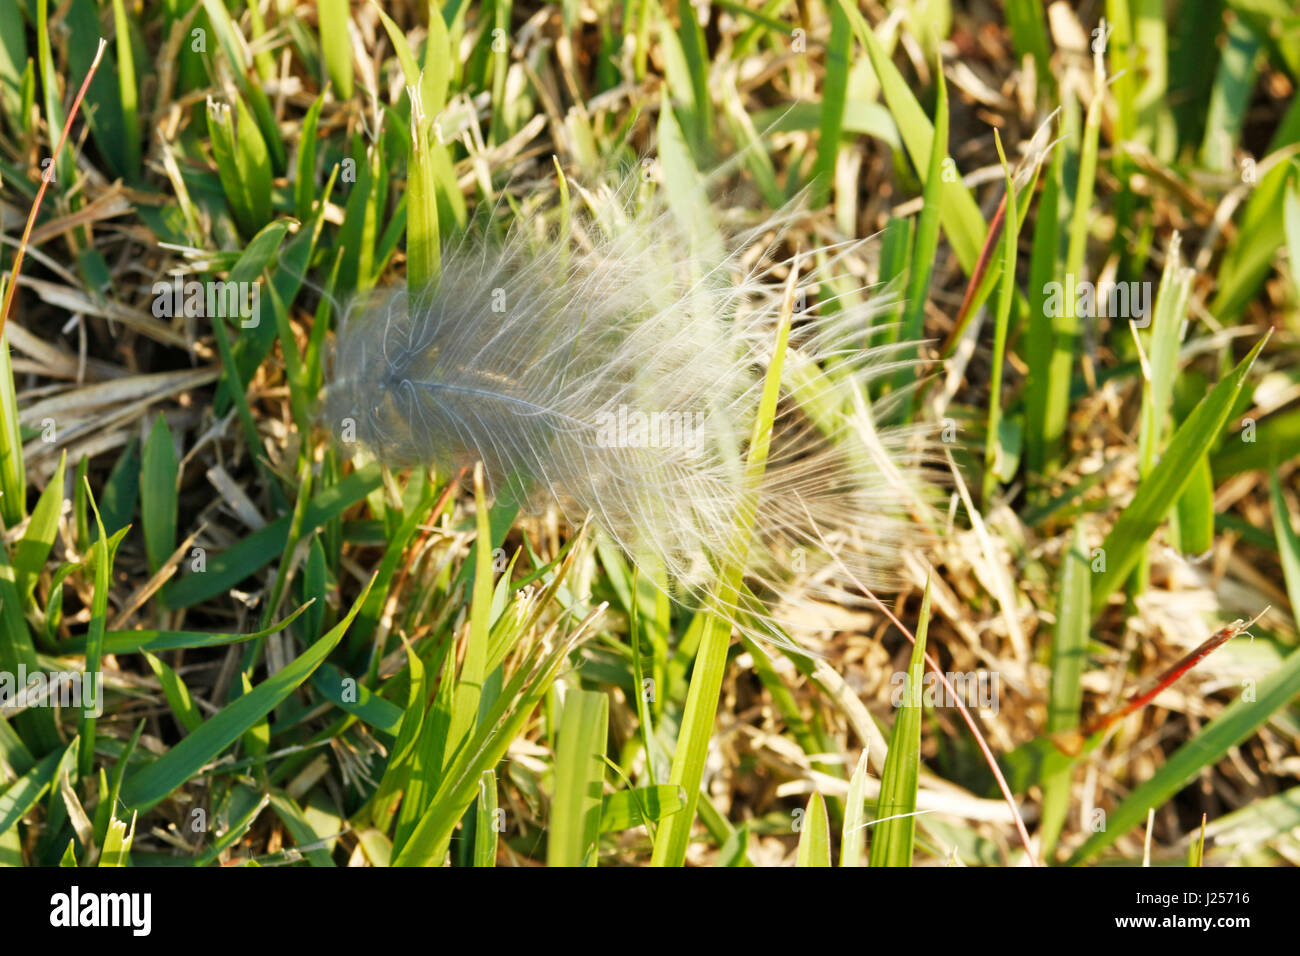 Une plume d'oiseau entre les feuilles d'herbe. Photo Stock